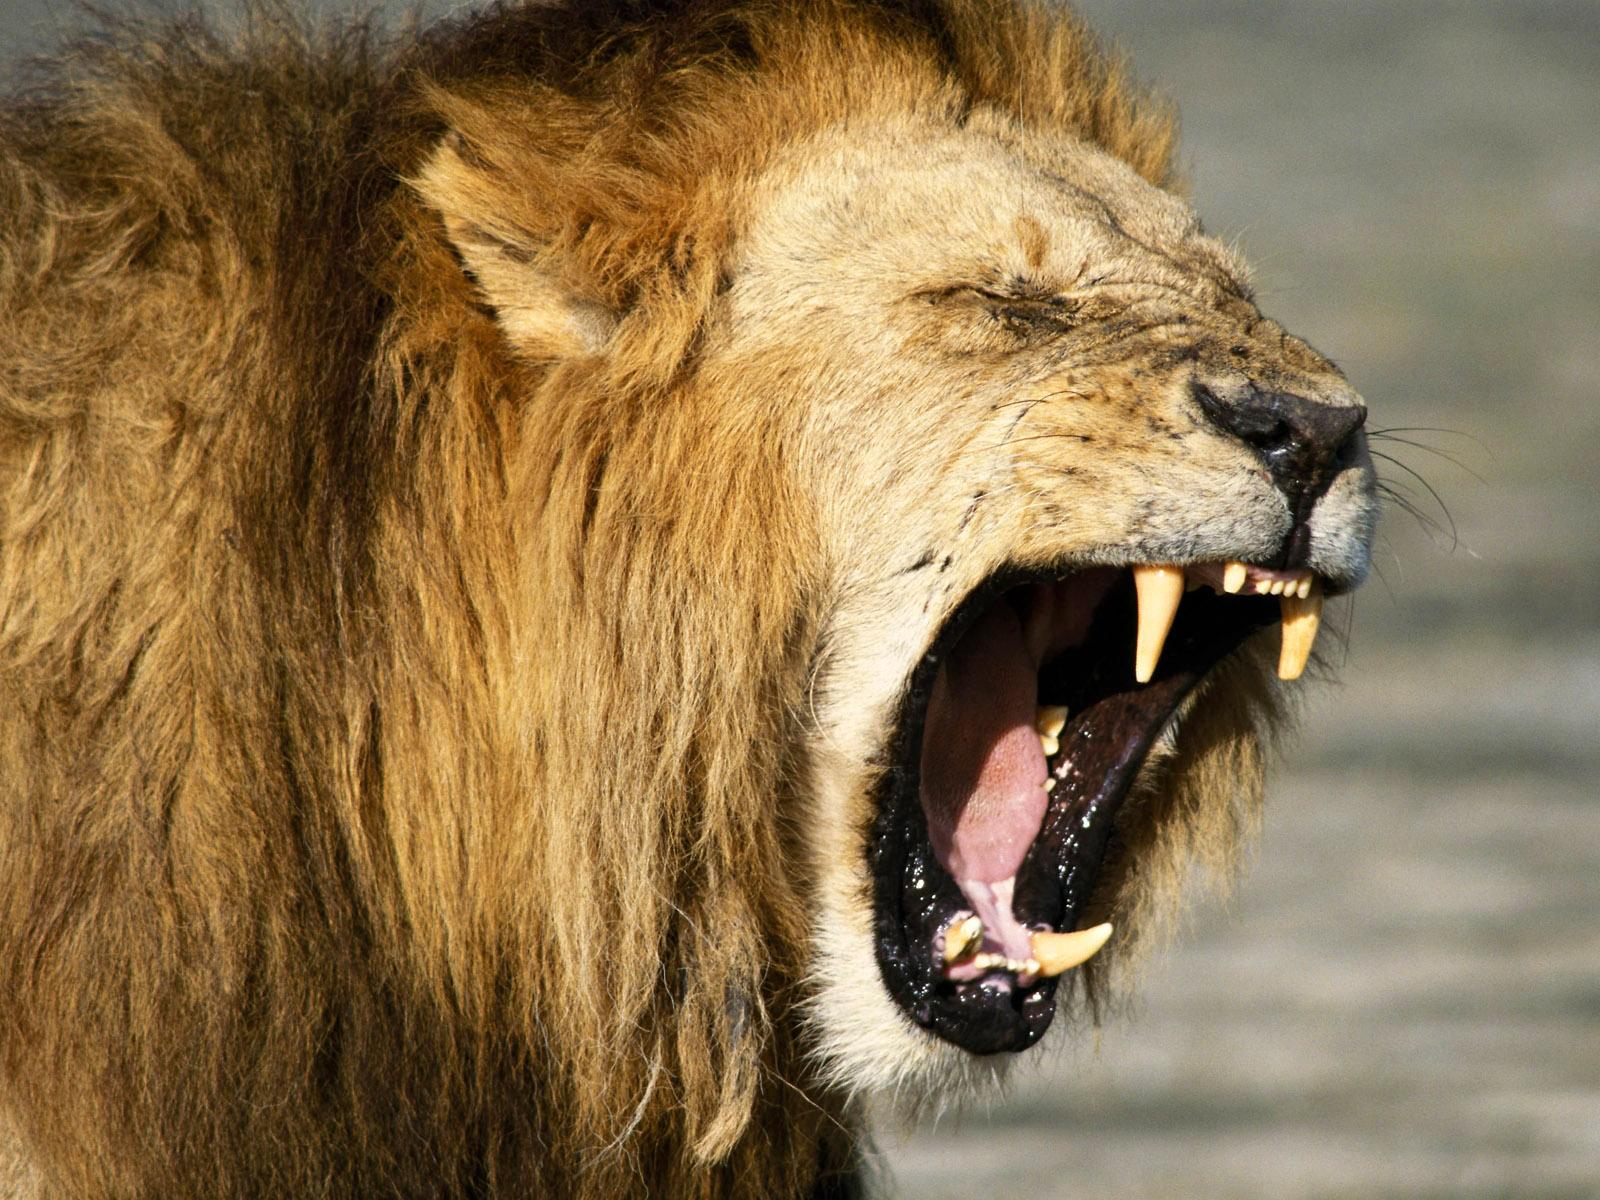 wallpaper: lion roar hd wallpaper